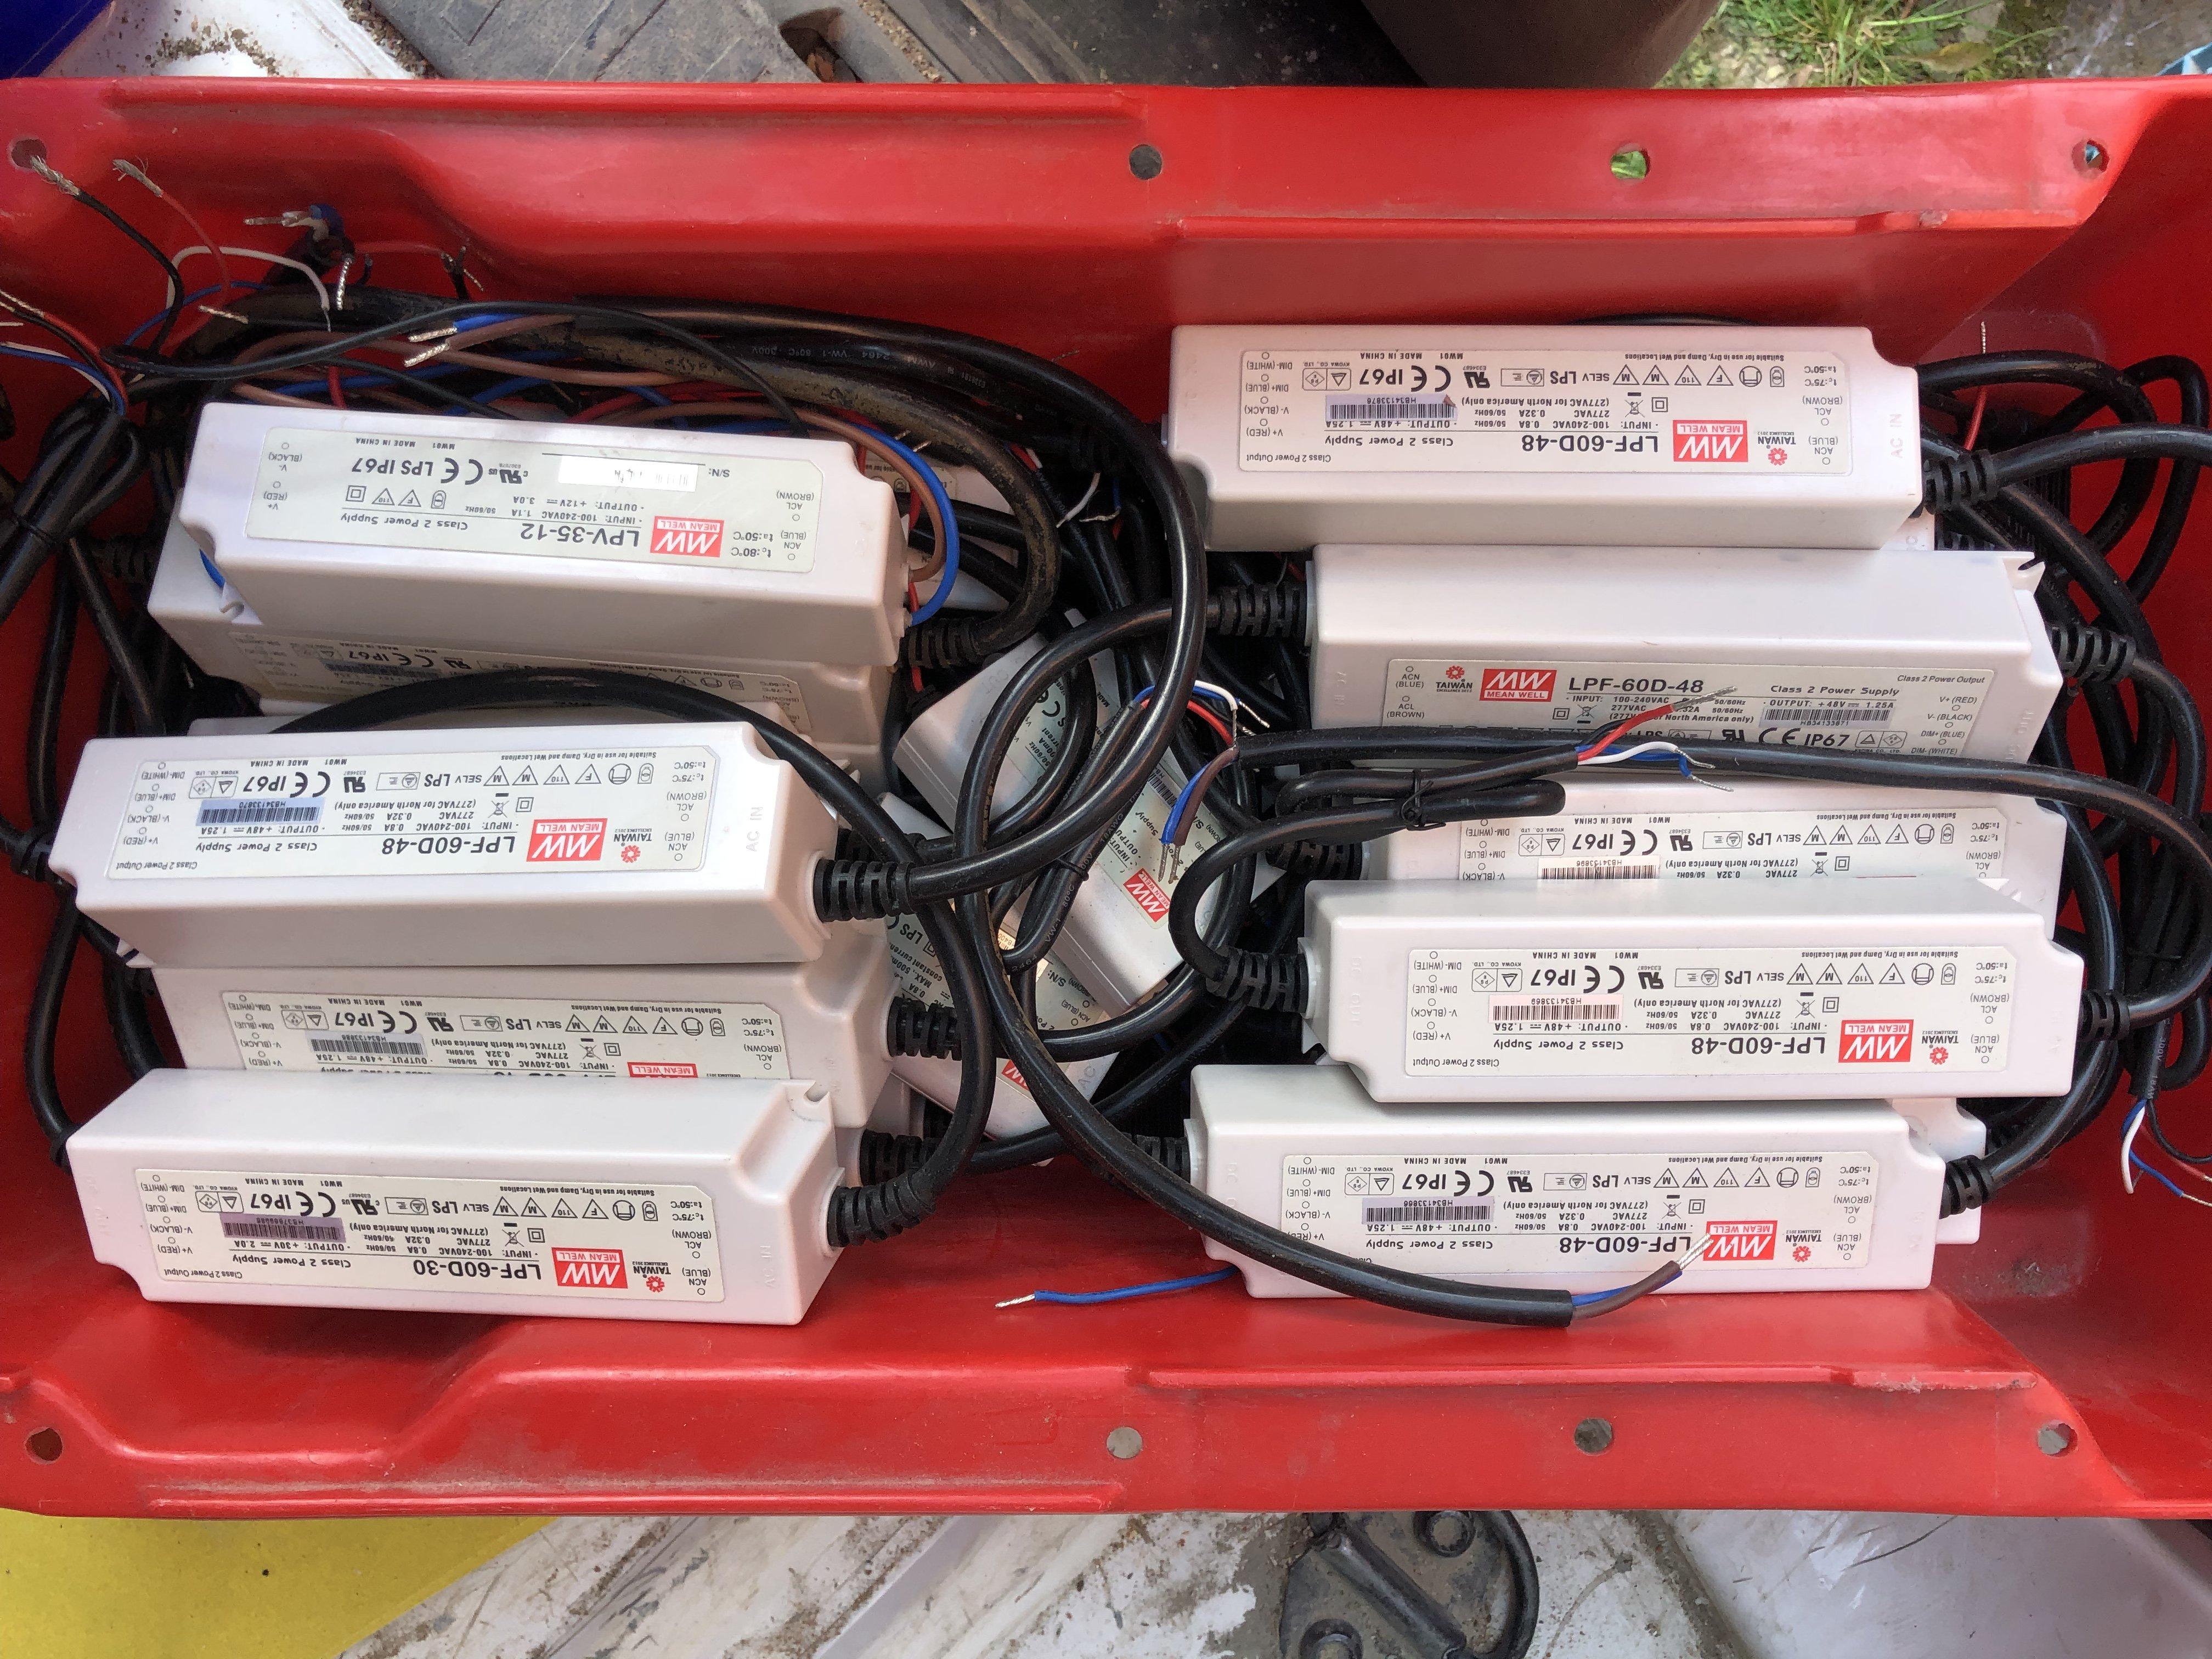 26A8C81B-3A0F-4D11-9EAA-FC530910147F.jpeg